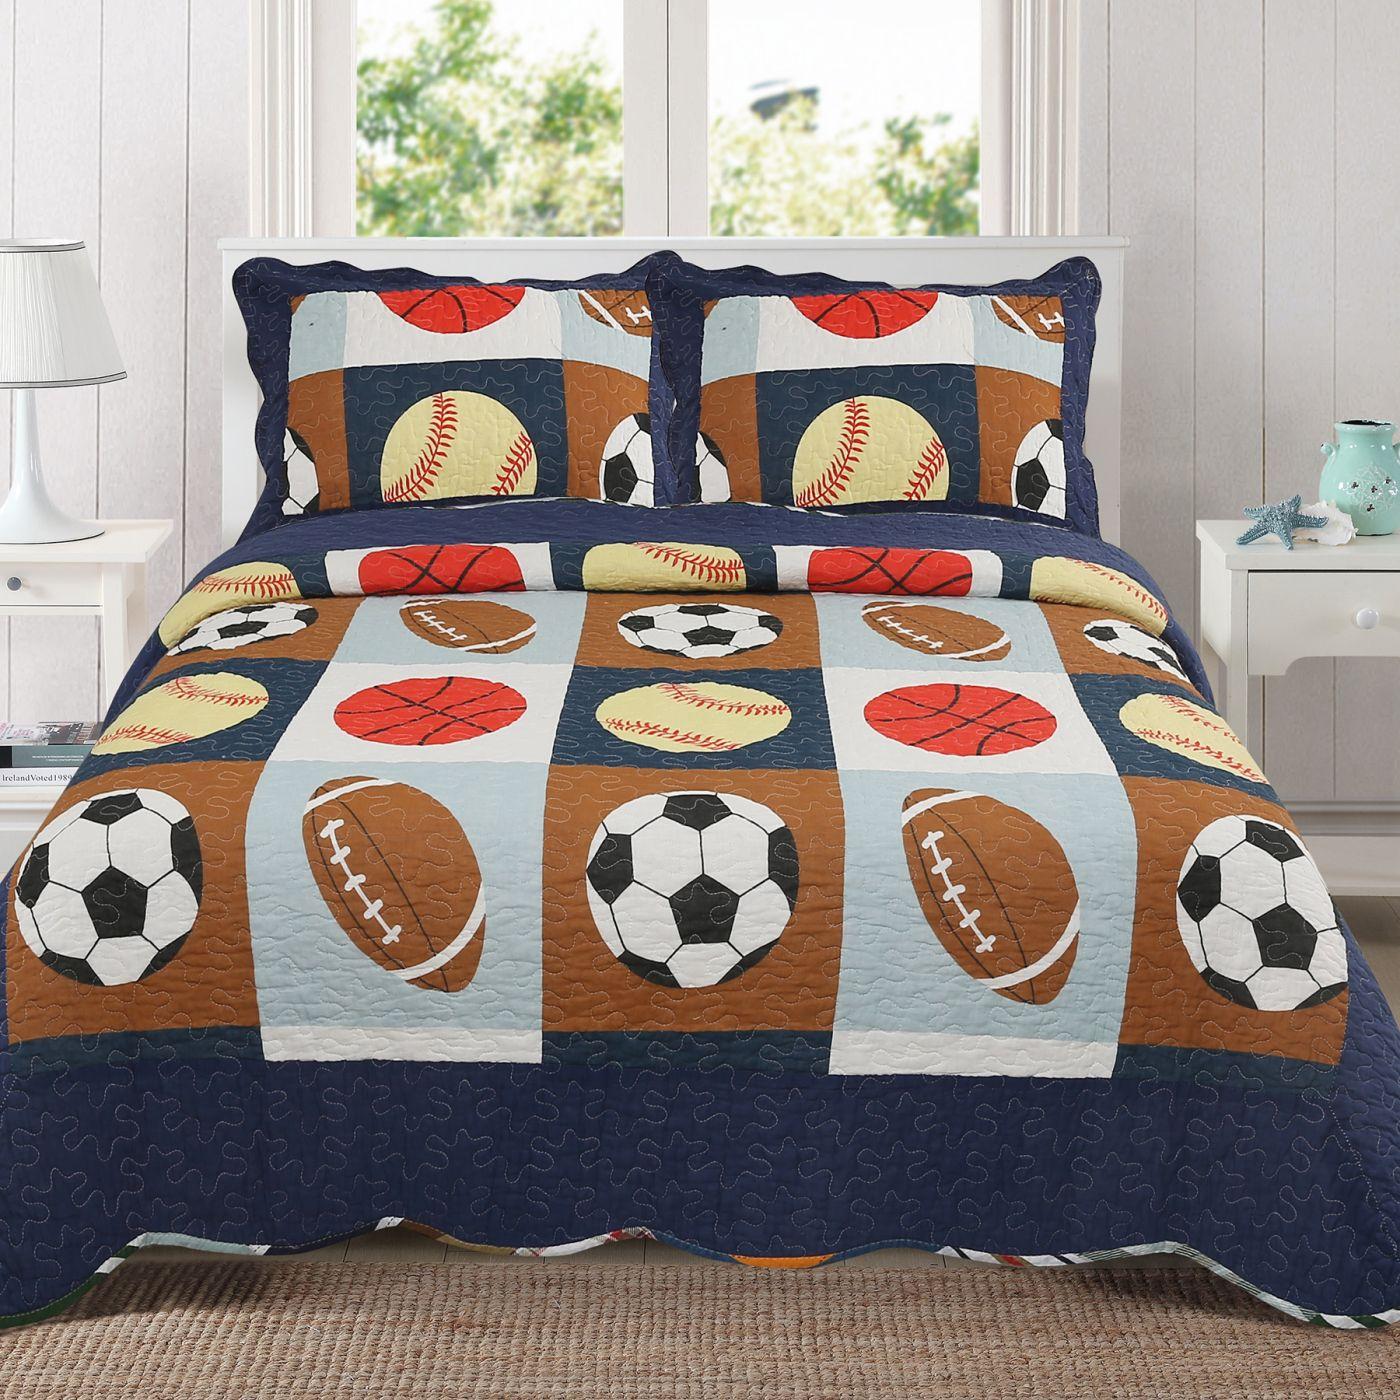 Покрывало Мячи (1,5-спальное)